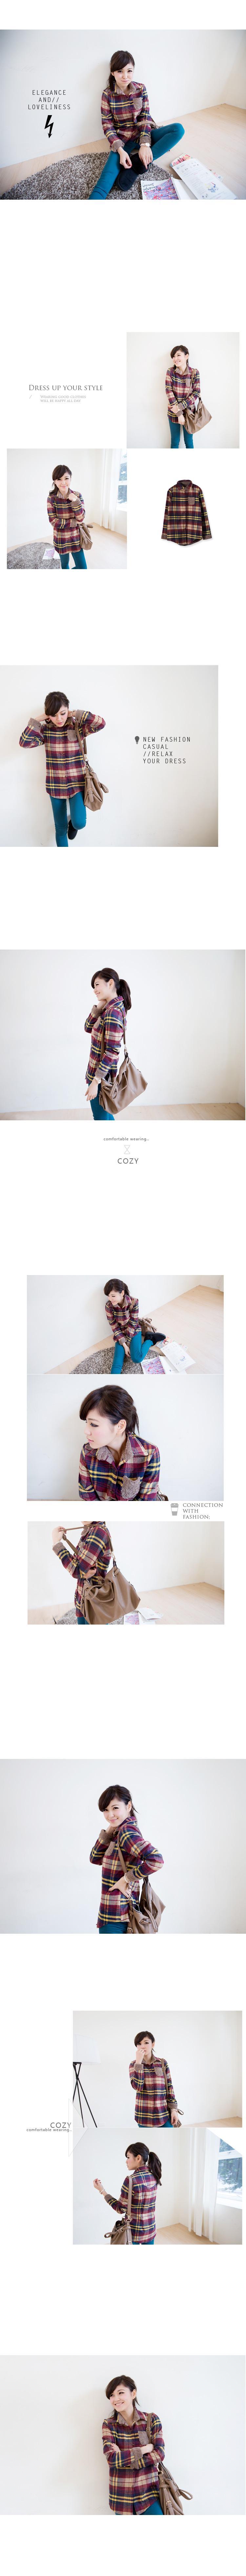 Miu-Star ????????????????????(?6?)?NK99A473? | Miu-Star - Yahoo!??????